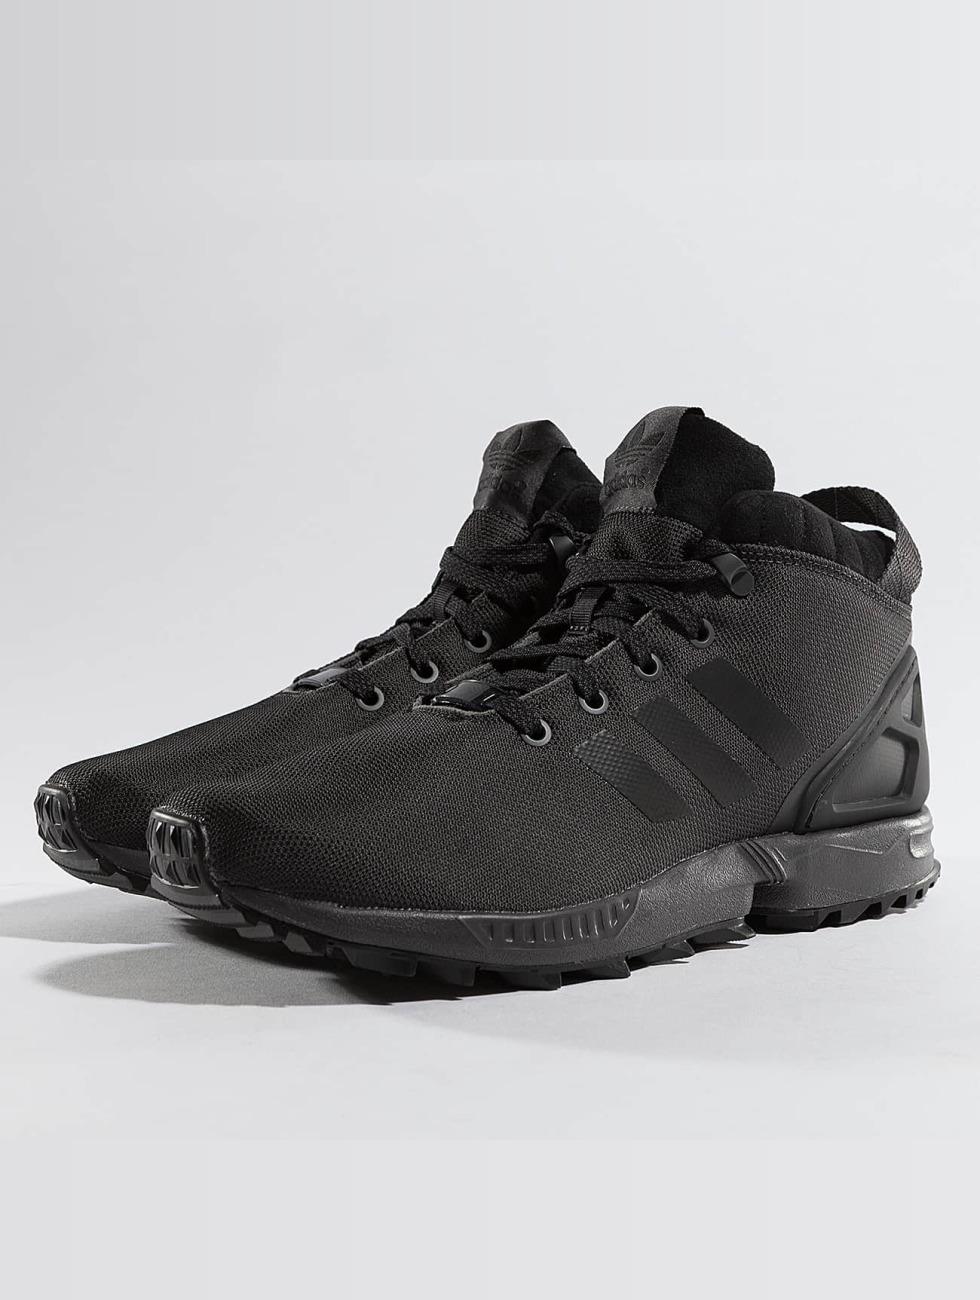 Klaring Laagste Prijs adidas originals schoen / sneaker ZX Flux 5/8 TR in zwart 358379 Goedkope Koop Officiele Site Websites Online Te Koop tYq5s